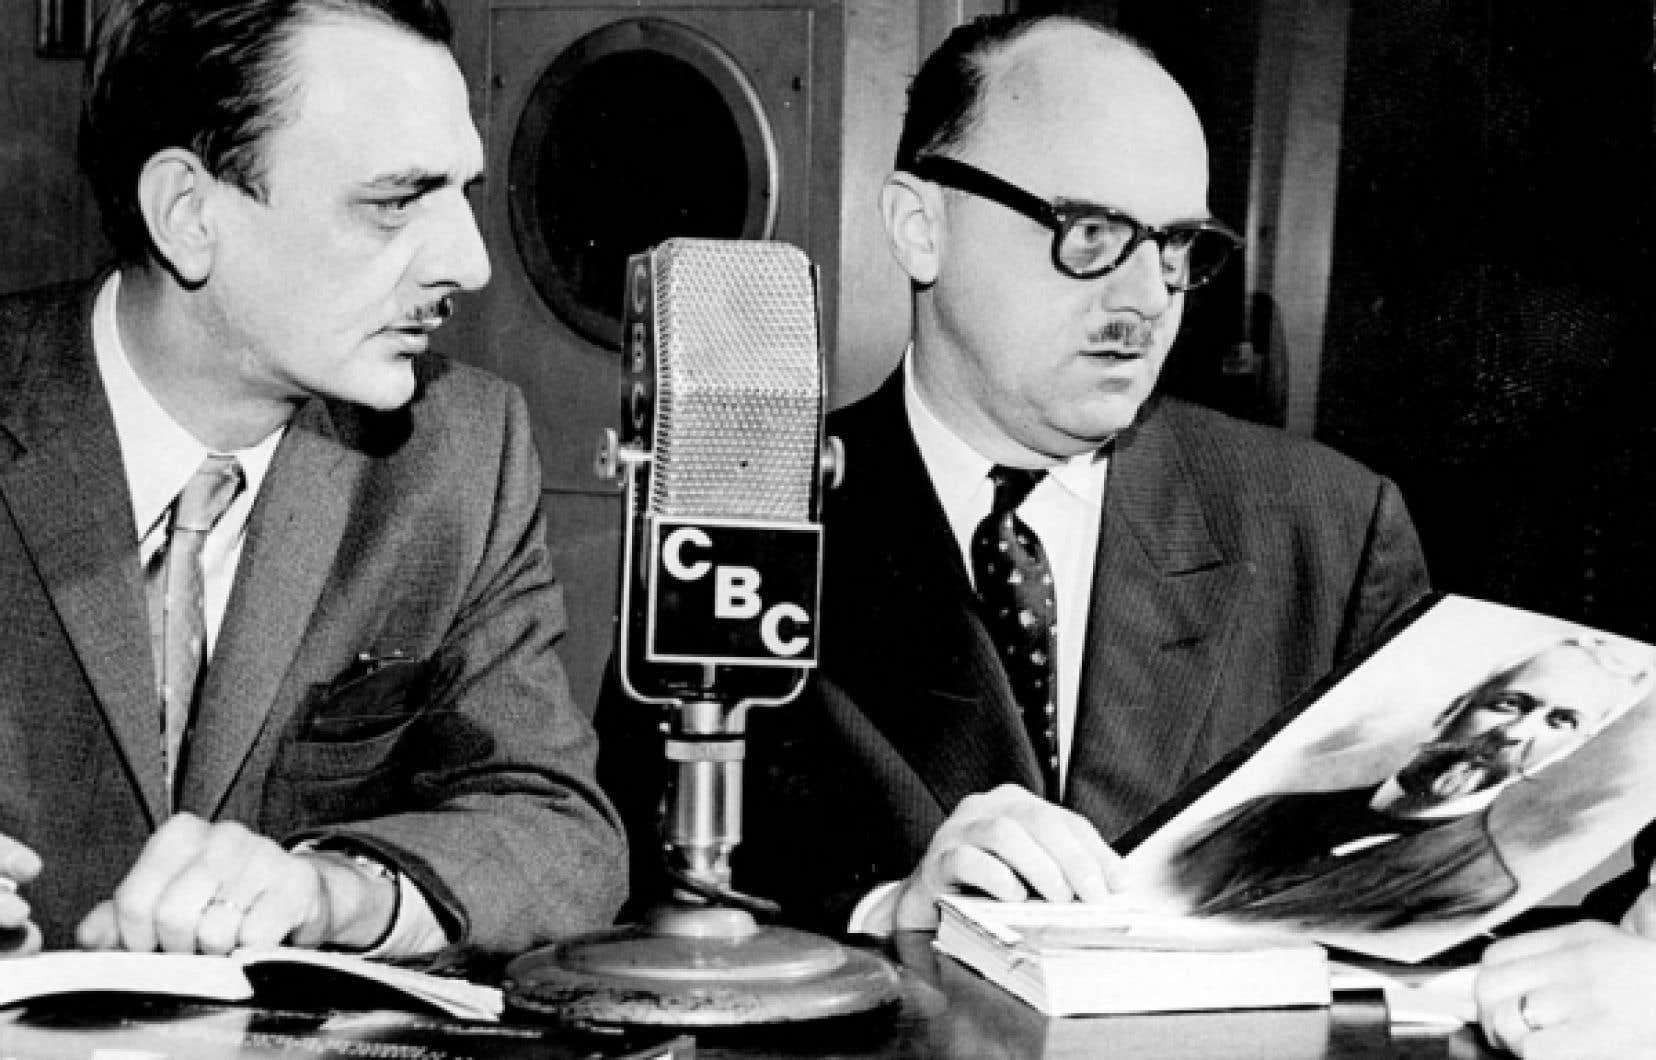 En 1944, Henri Bourassa appuie la campagne québécoise du Bloc populaire, dirigé par le jeune journaliste André Laurendeau, ici avec Jean Drapeau.